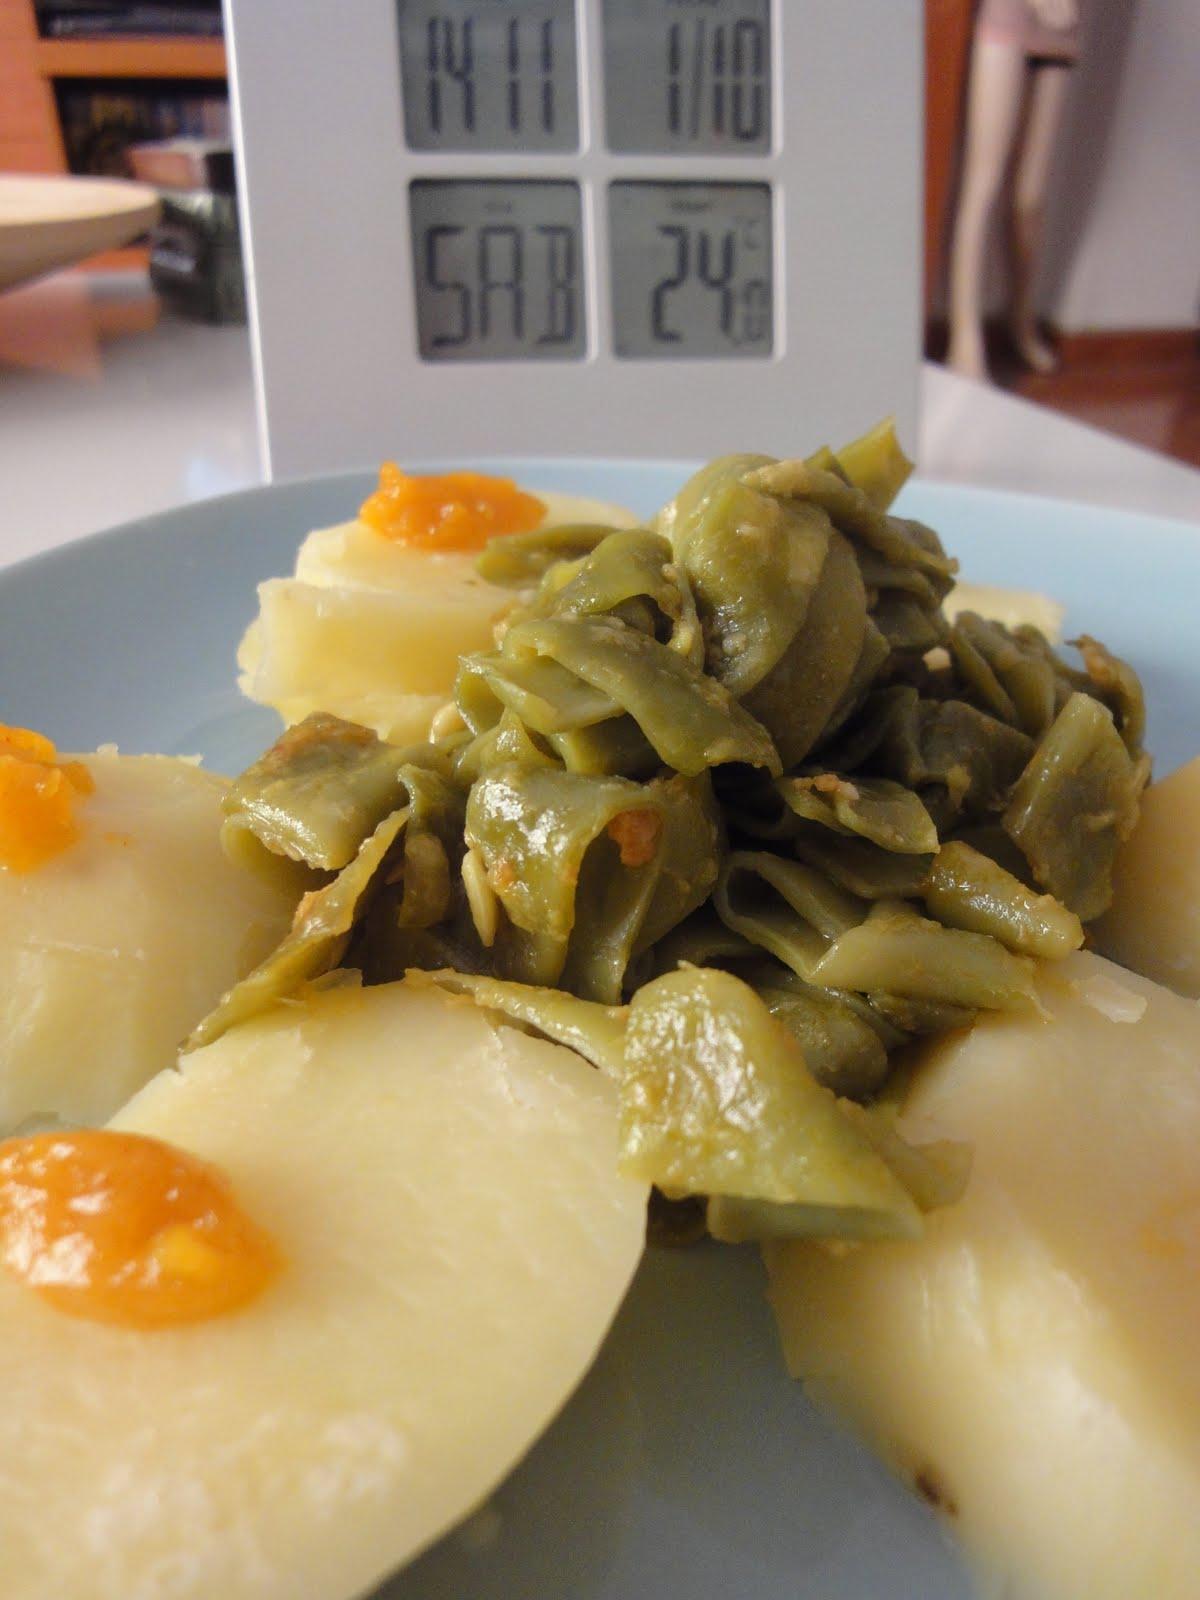 Clases de cocina zaragoza jud as verdes con patata y alioli casero - Cursos de cocina zaragoza ...